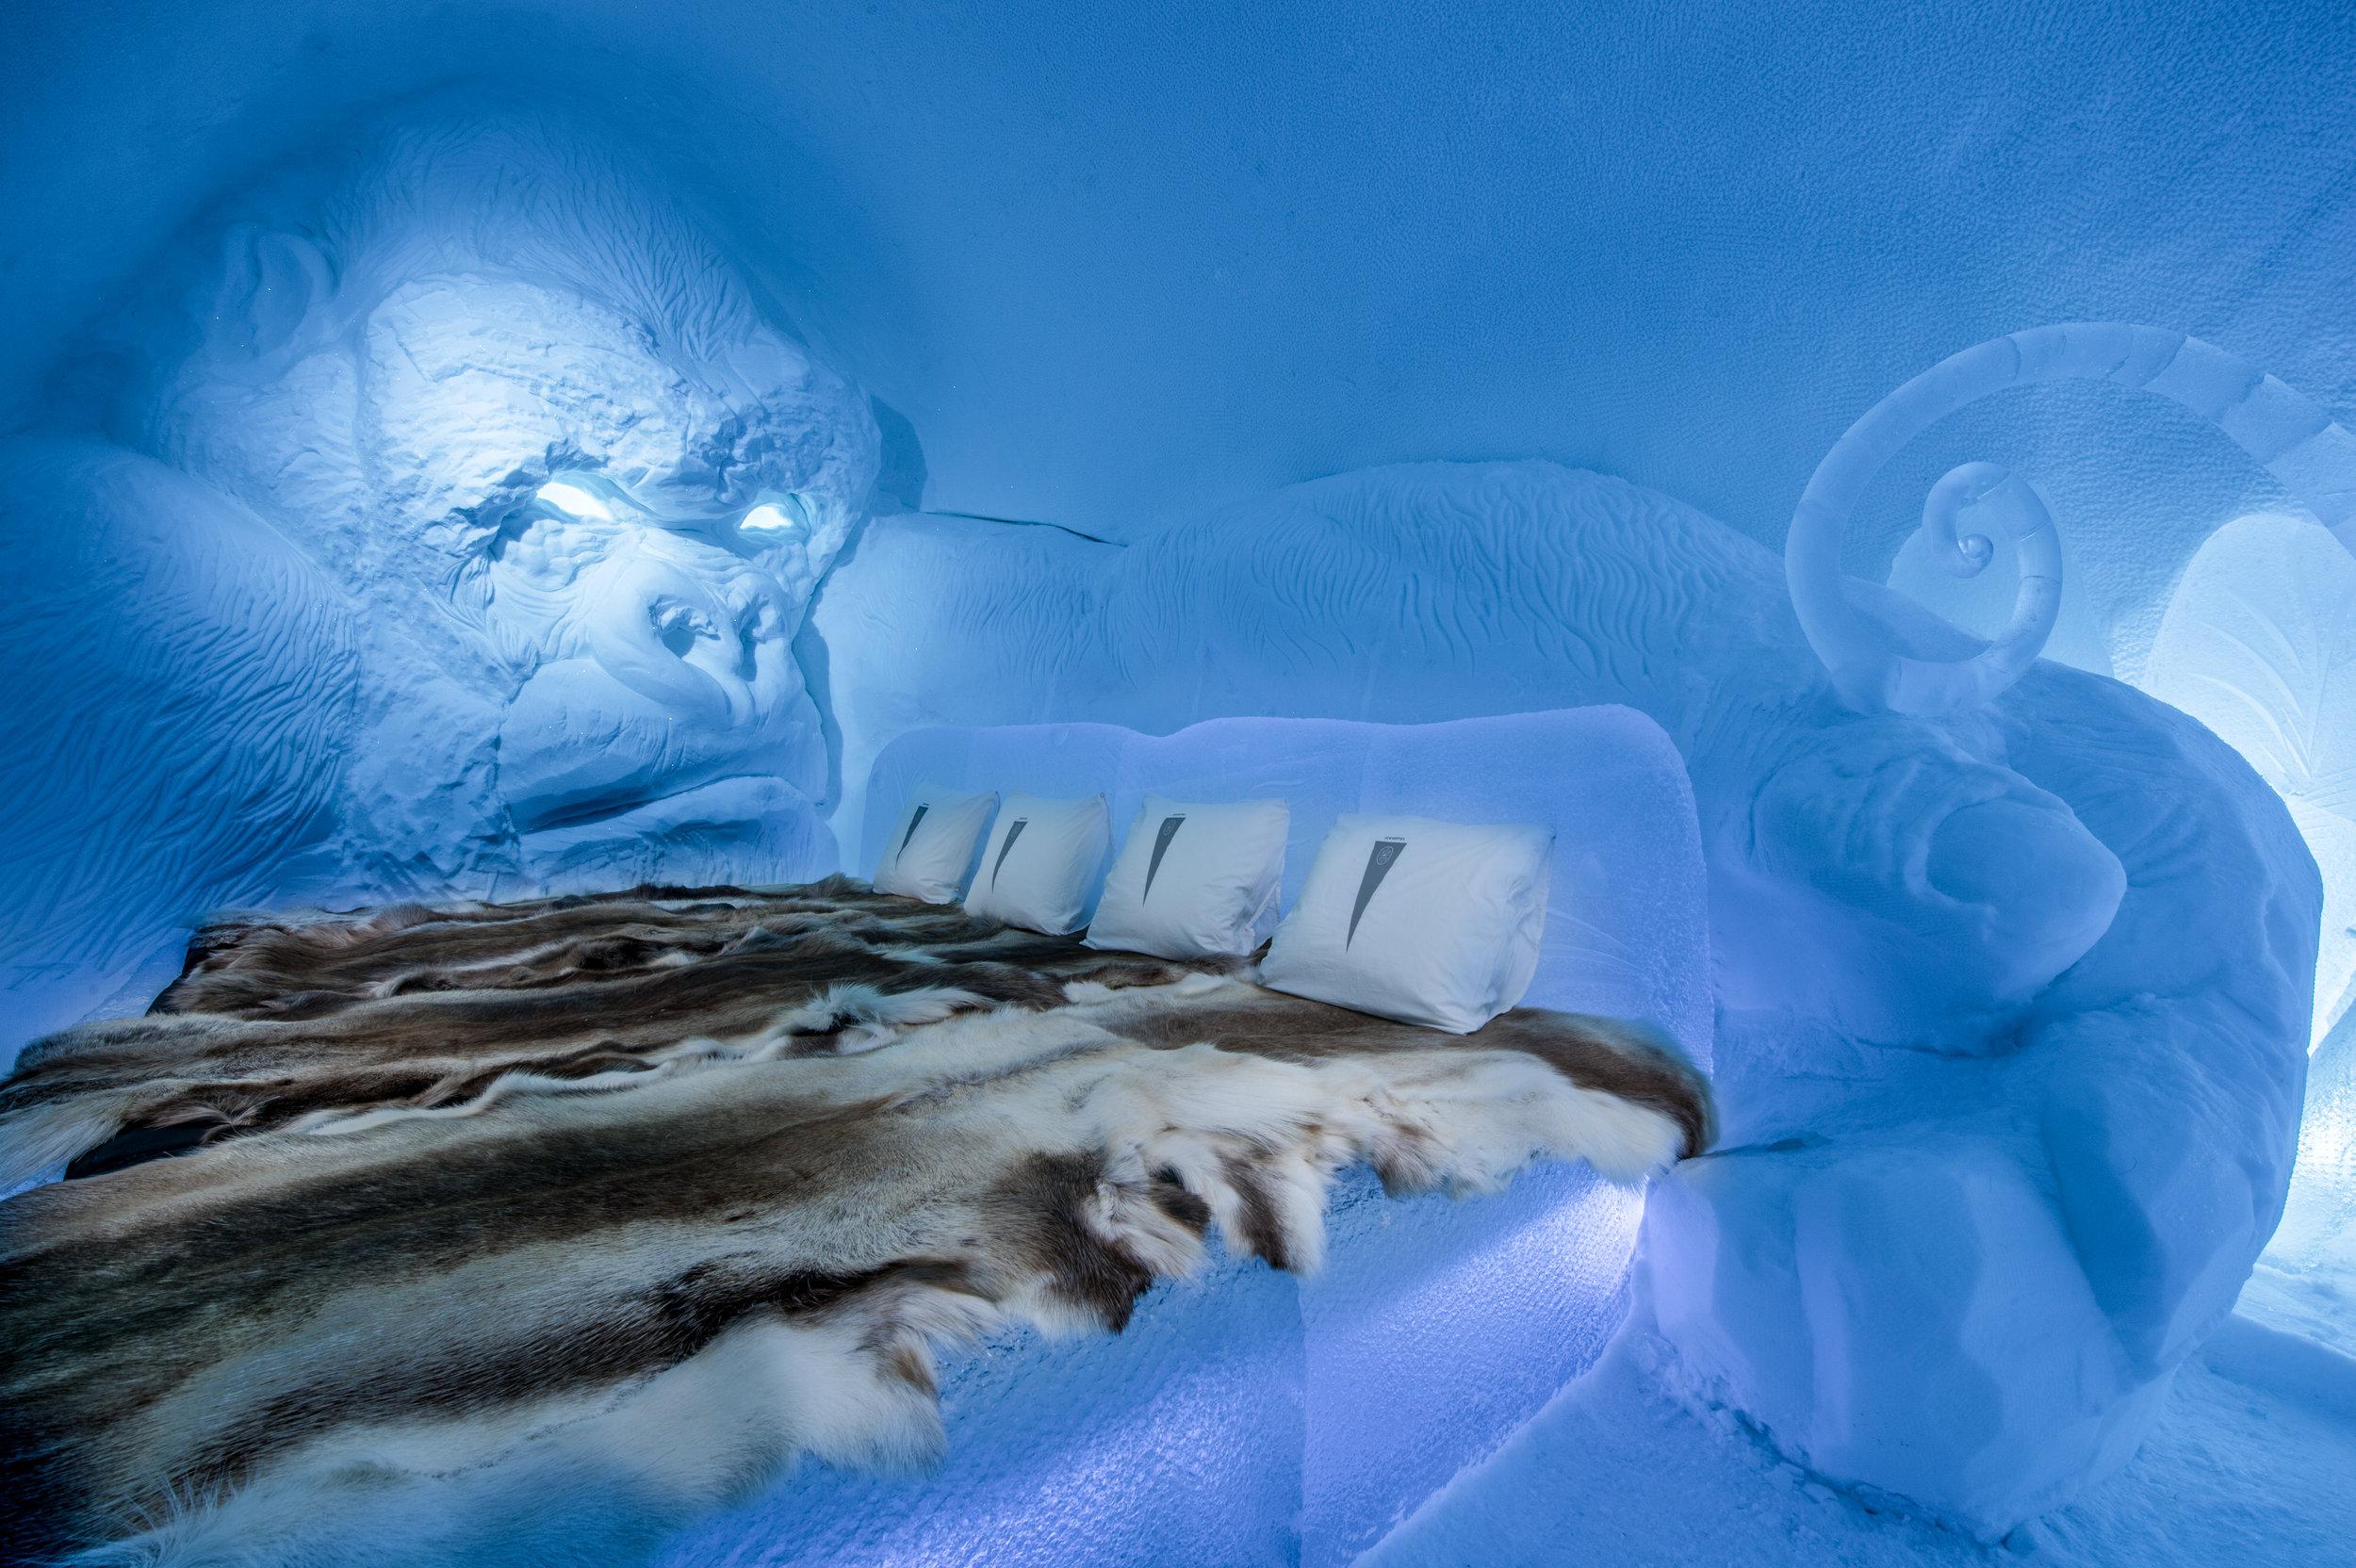 Art suite - King Kong-Lkhagvadorj Dorjsuren- ICEHOTEL 28  Photo by - Asaf Kliger .jpg